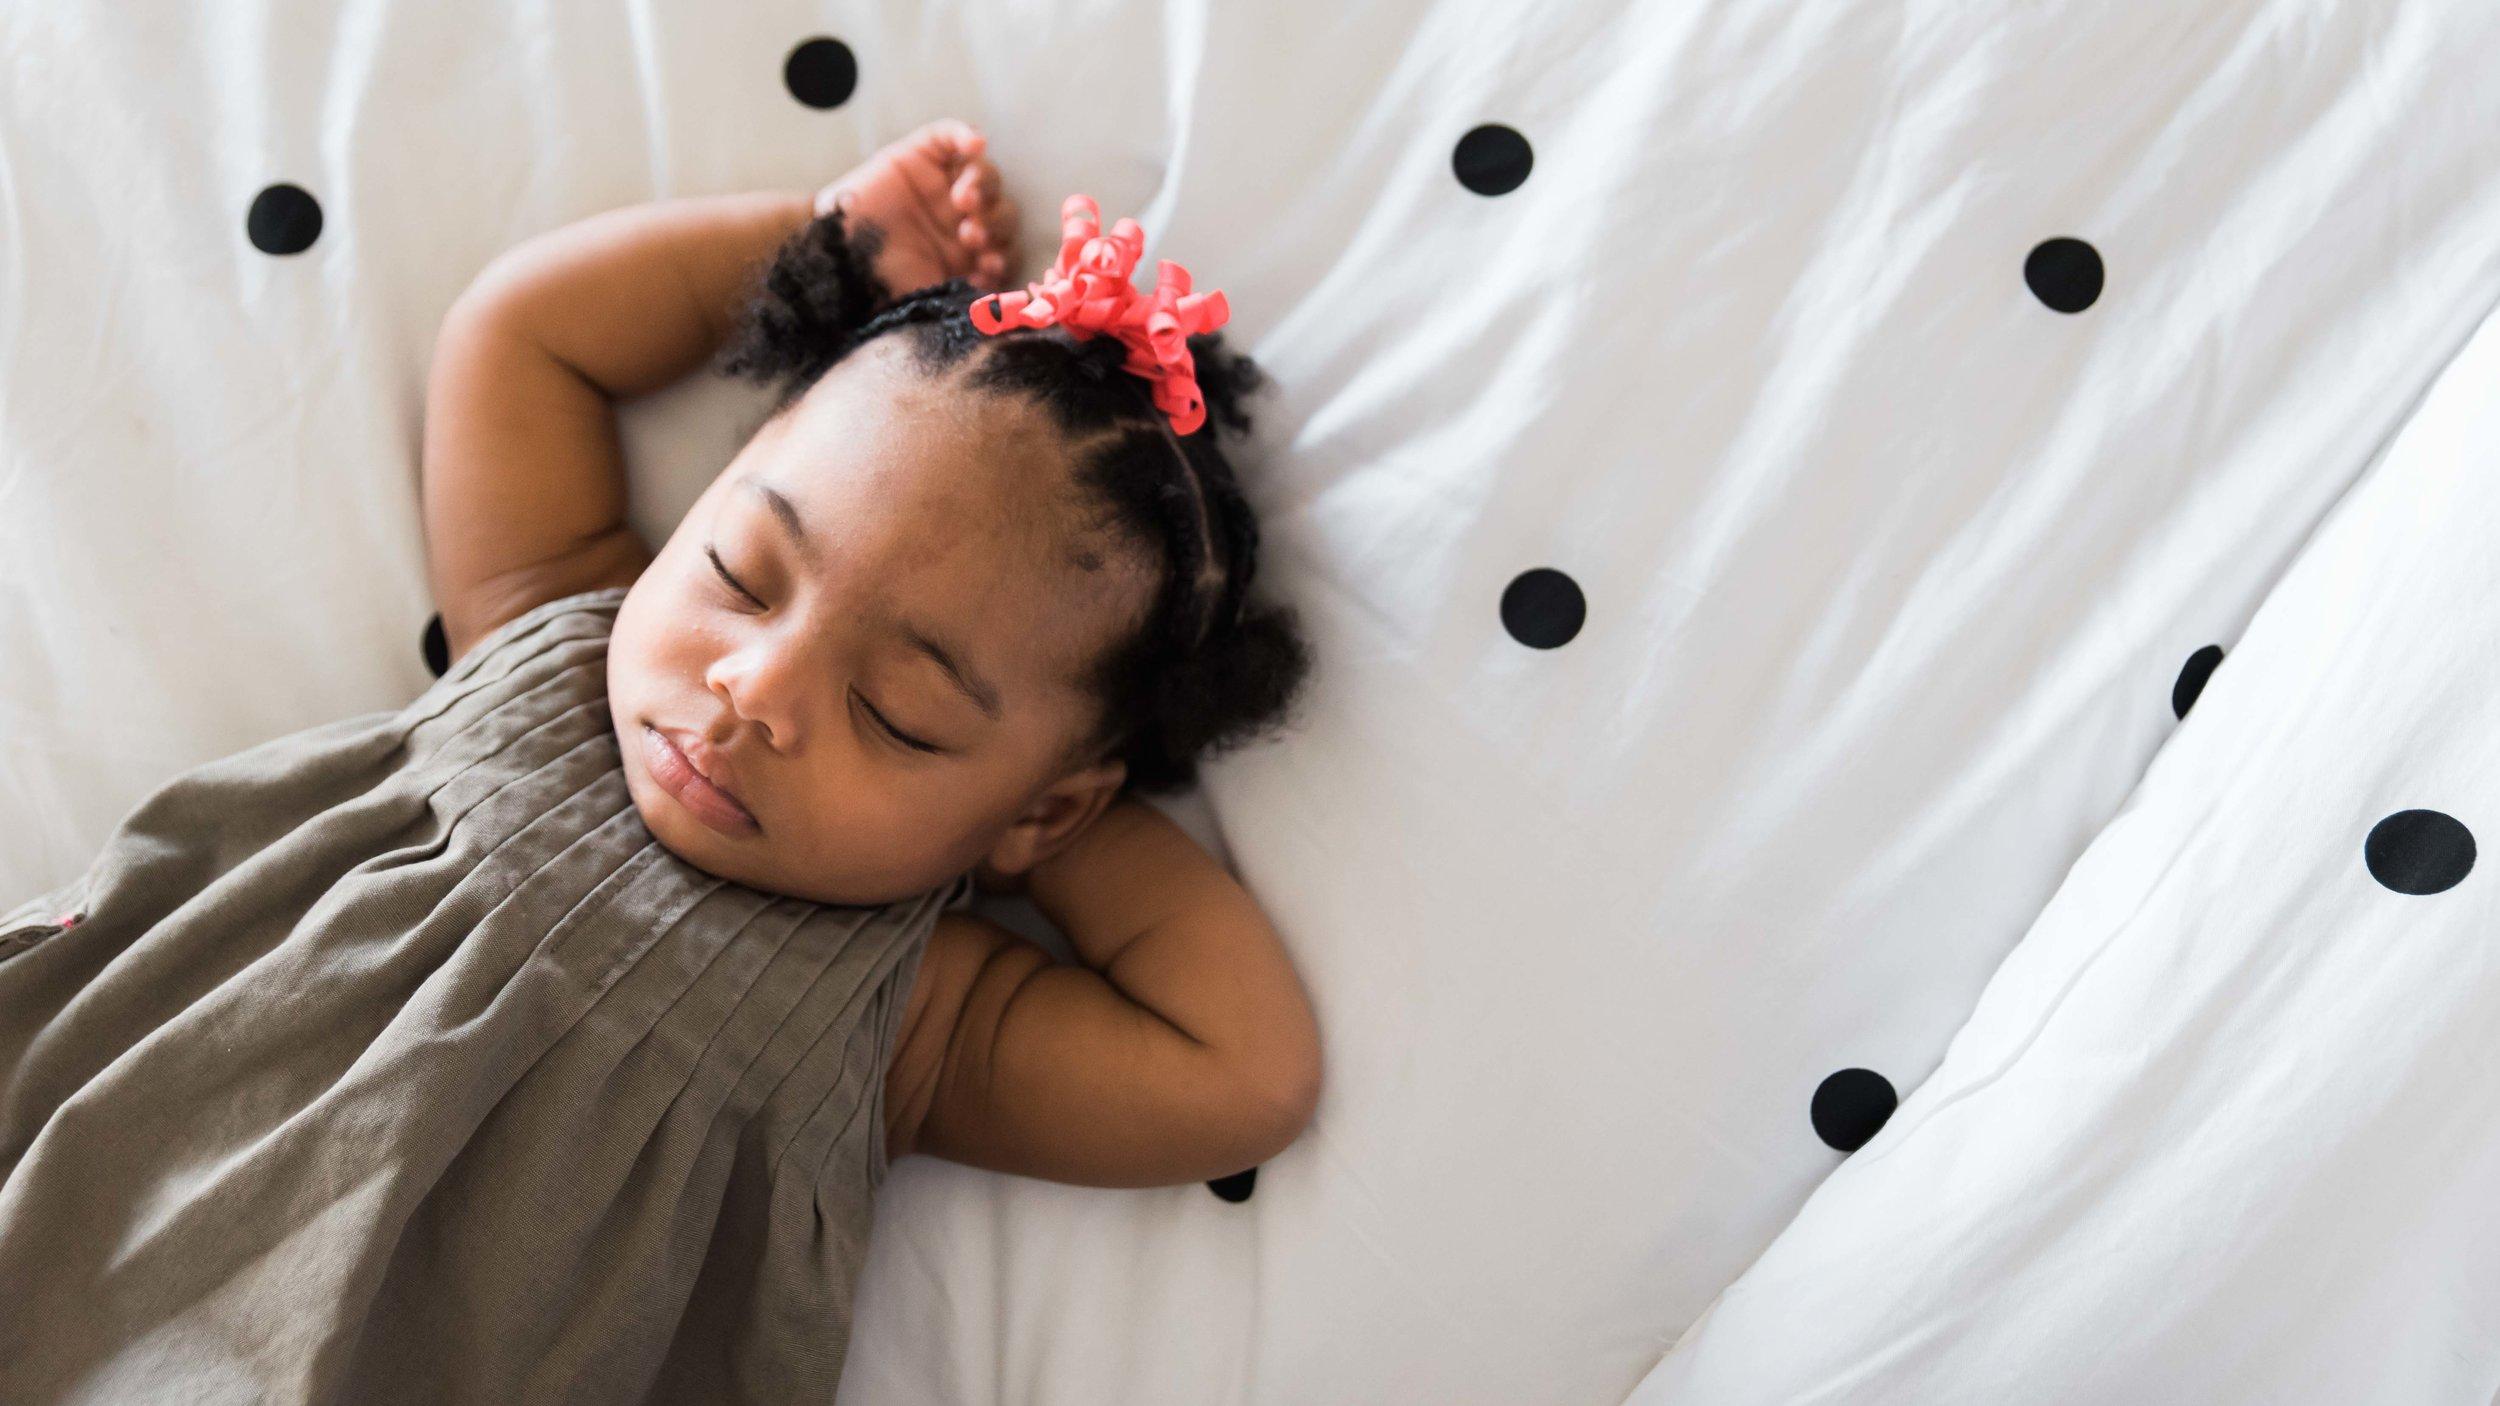 Albuquerque Newborn and Family Photographer SMA Photography Portfolio-36.jpg